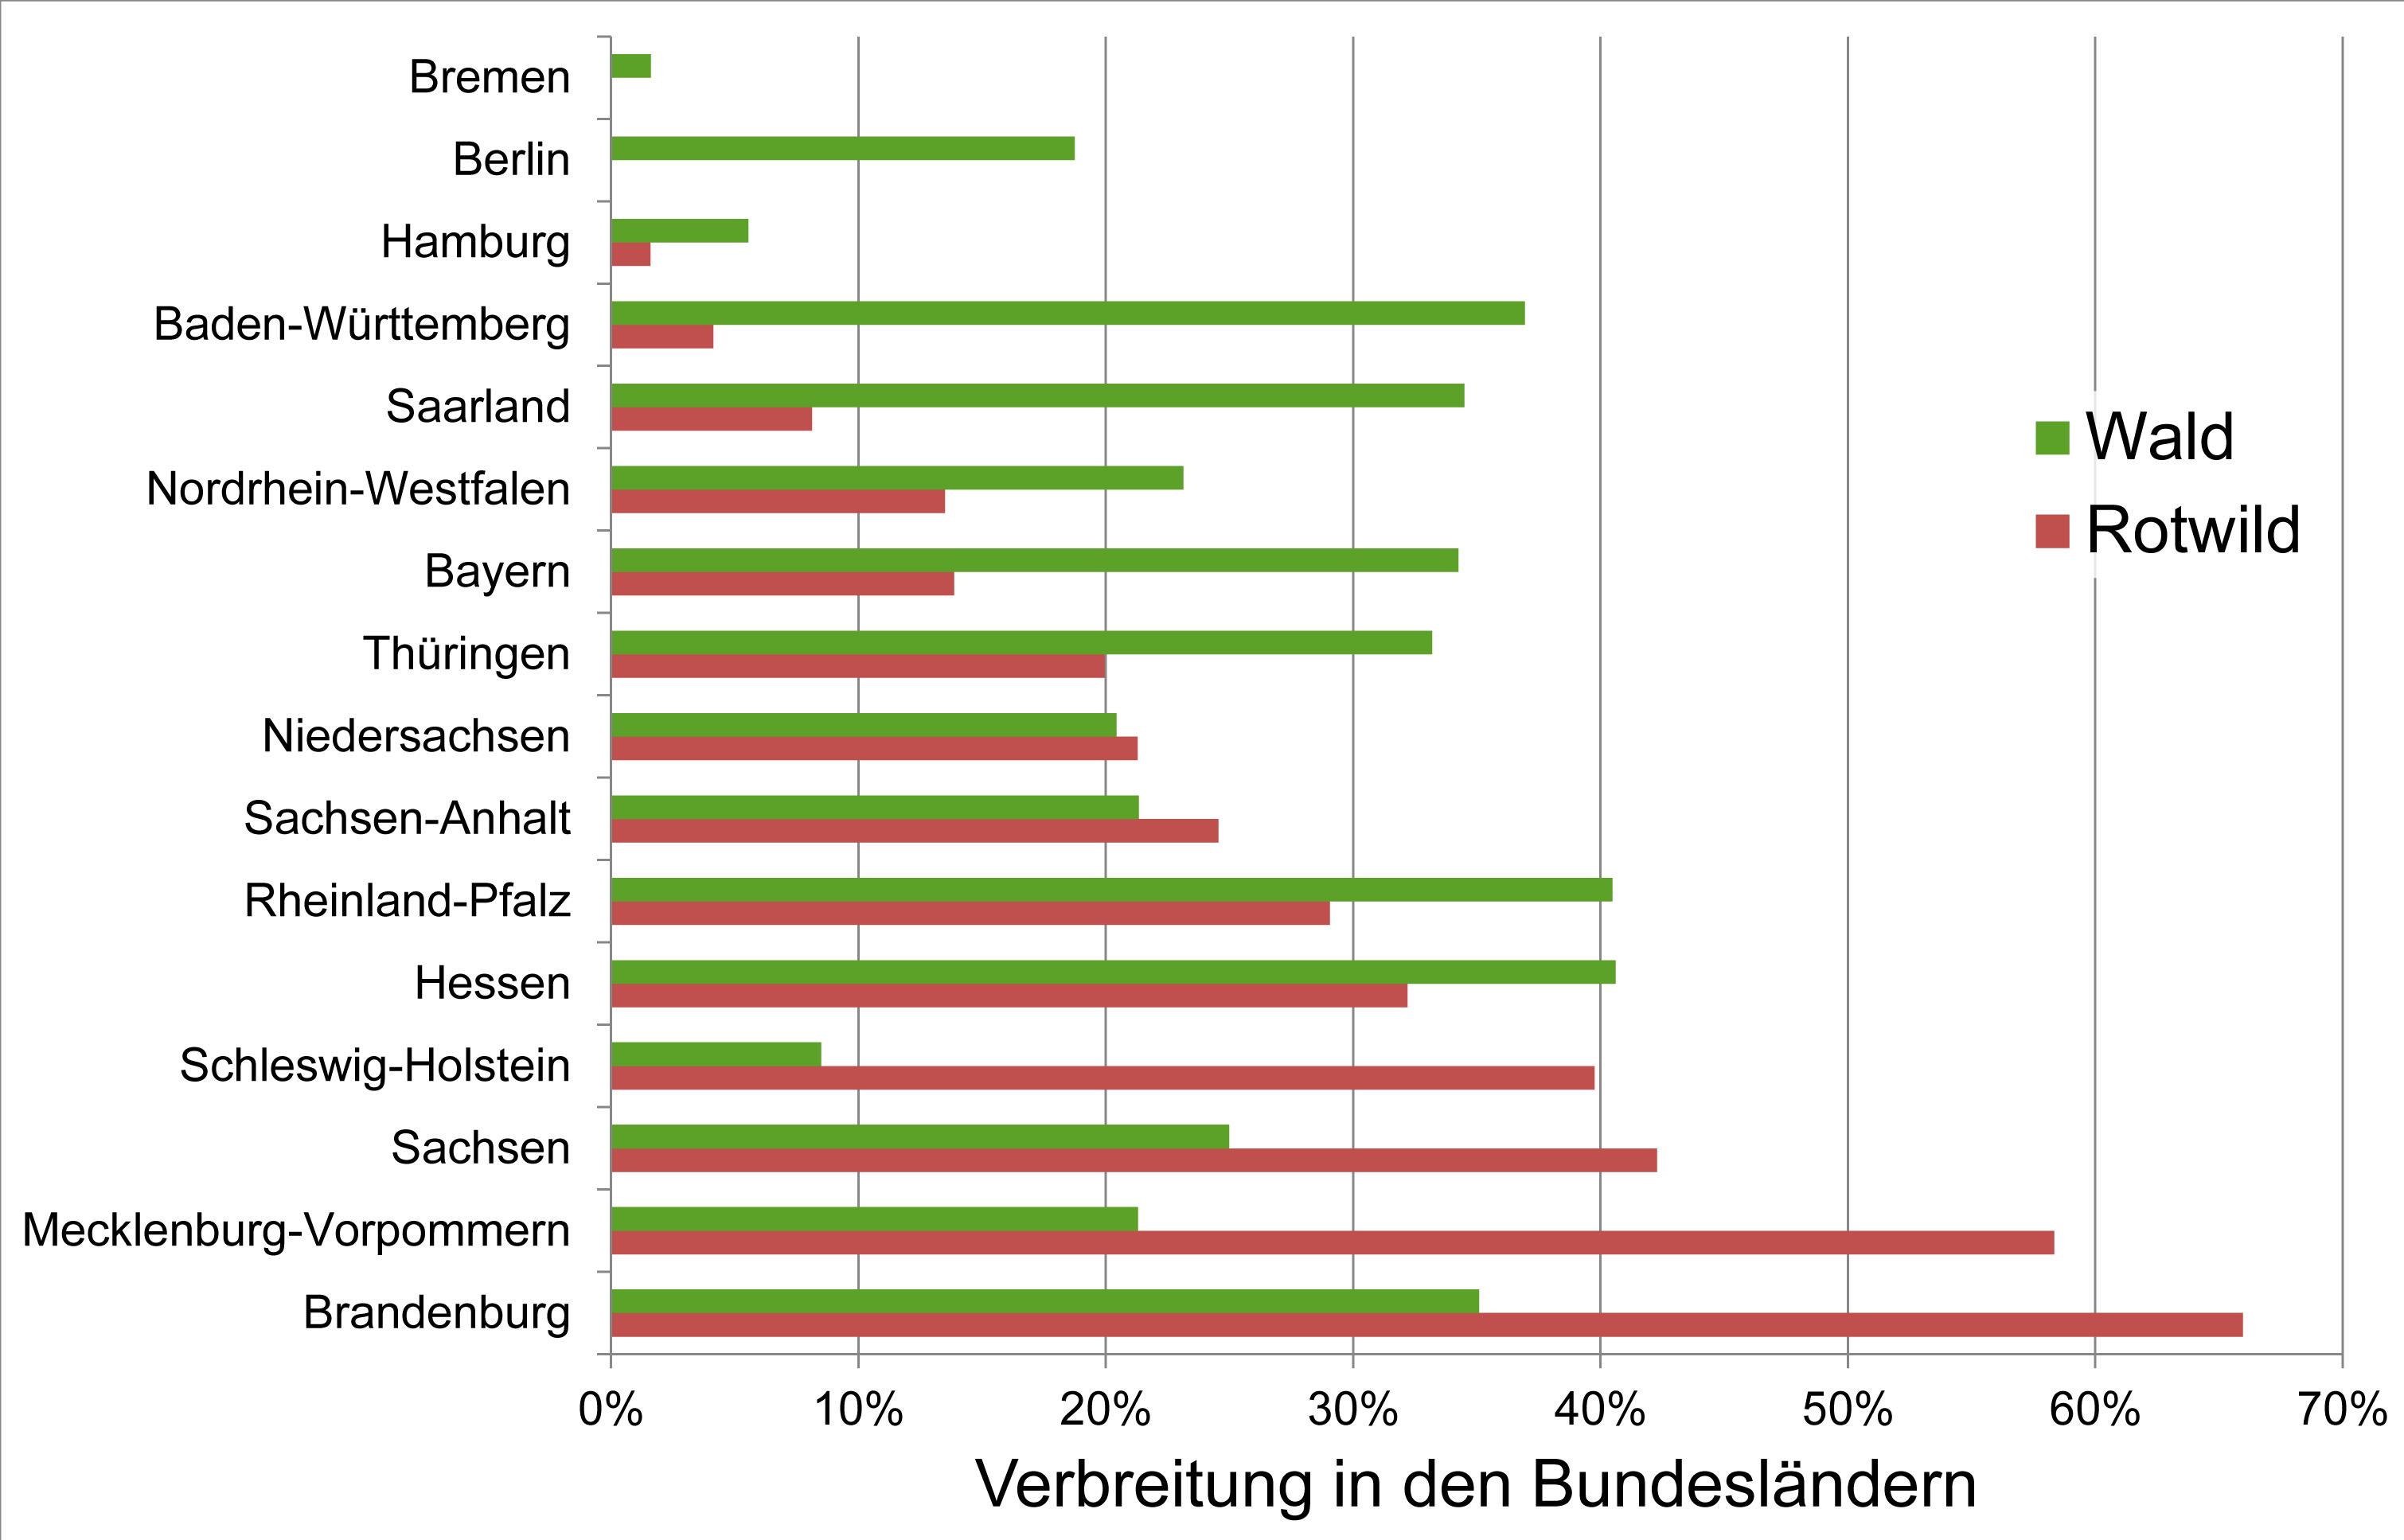 Rotwildverbreitung in Deutschland